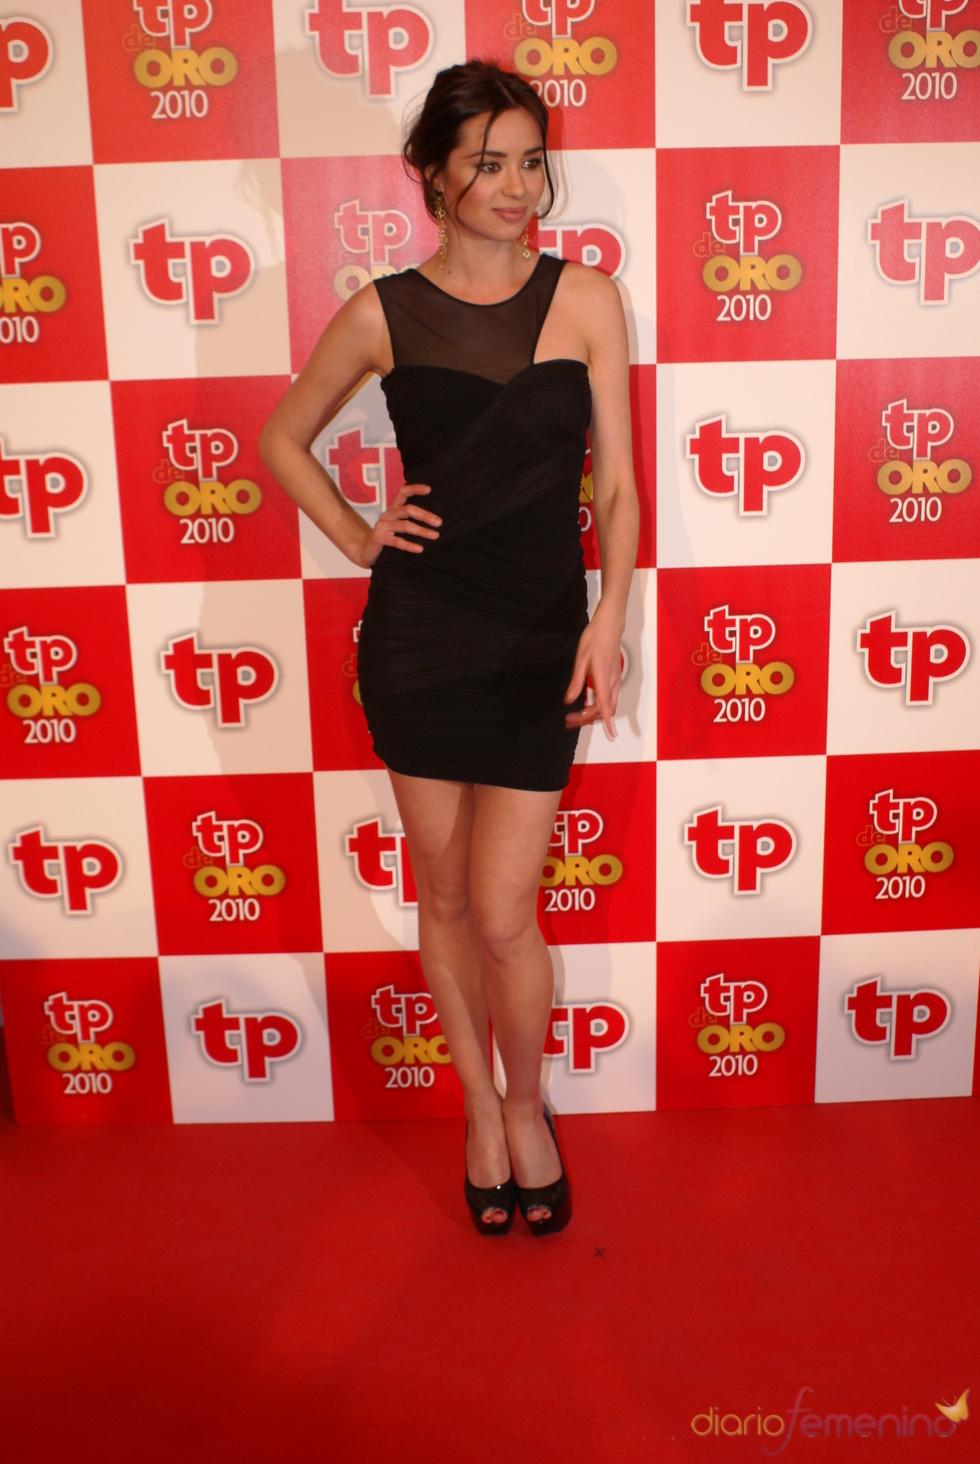 Dafne Fernández en los Premios TP de Oro 2010